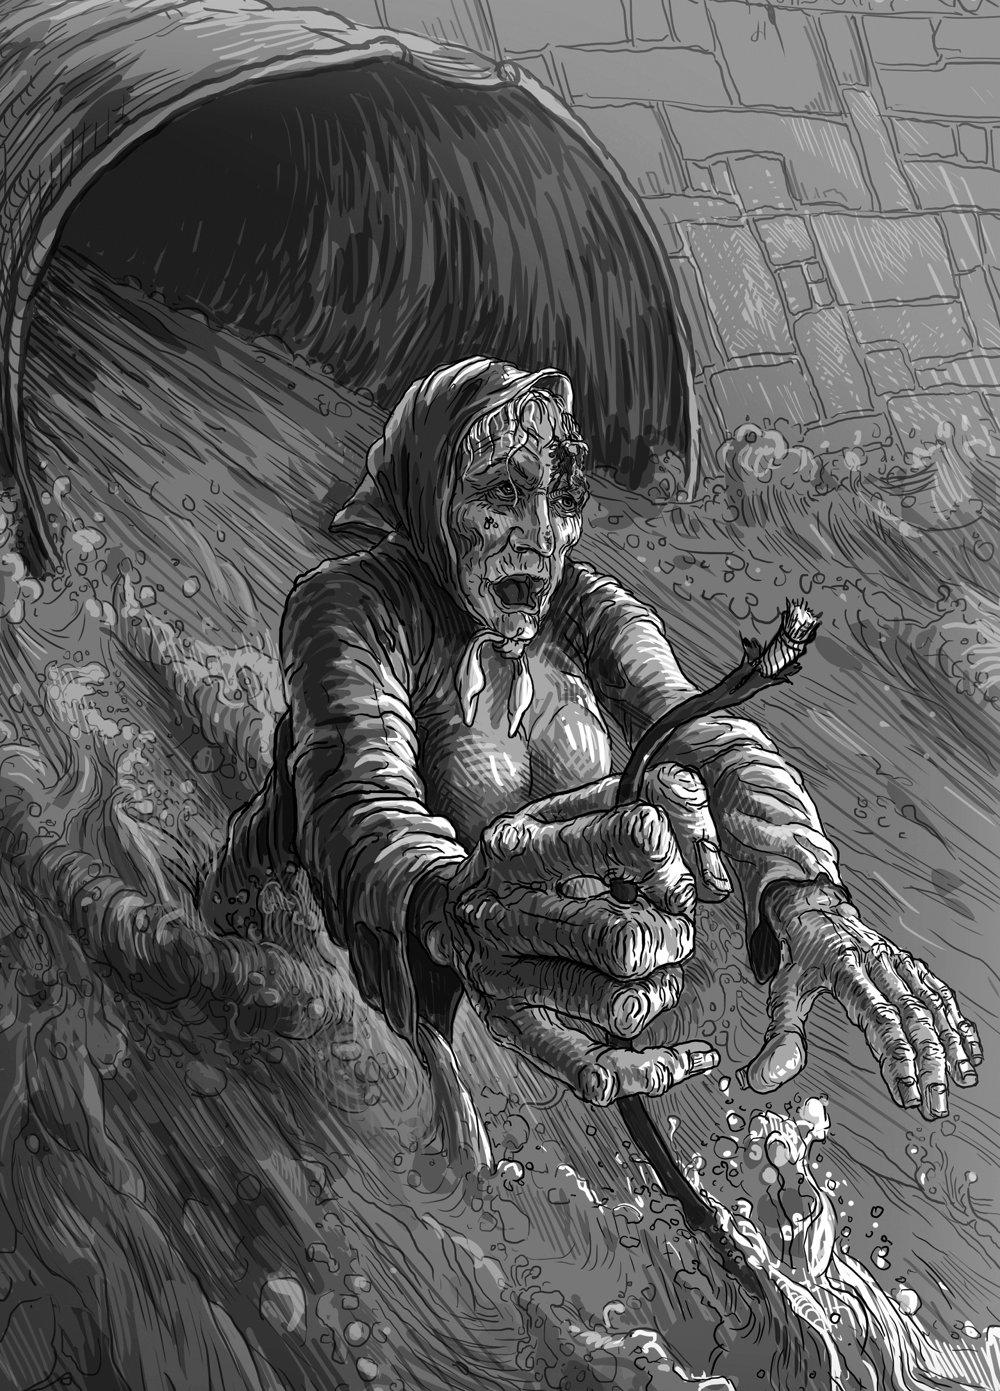 V čiernom ústí kanála sa čosi hýbalo, čosi sa blížilo, pridržiavalo steny, šmátralo rukami.